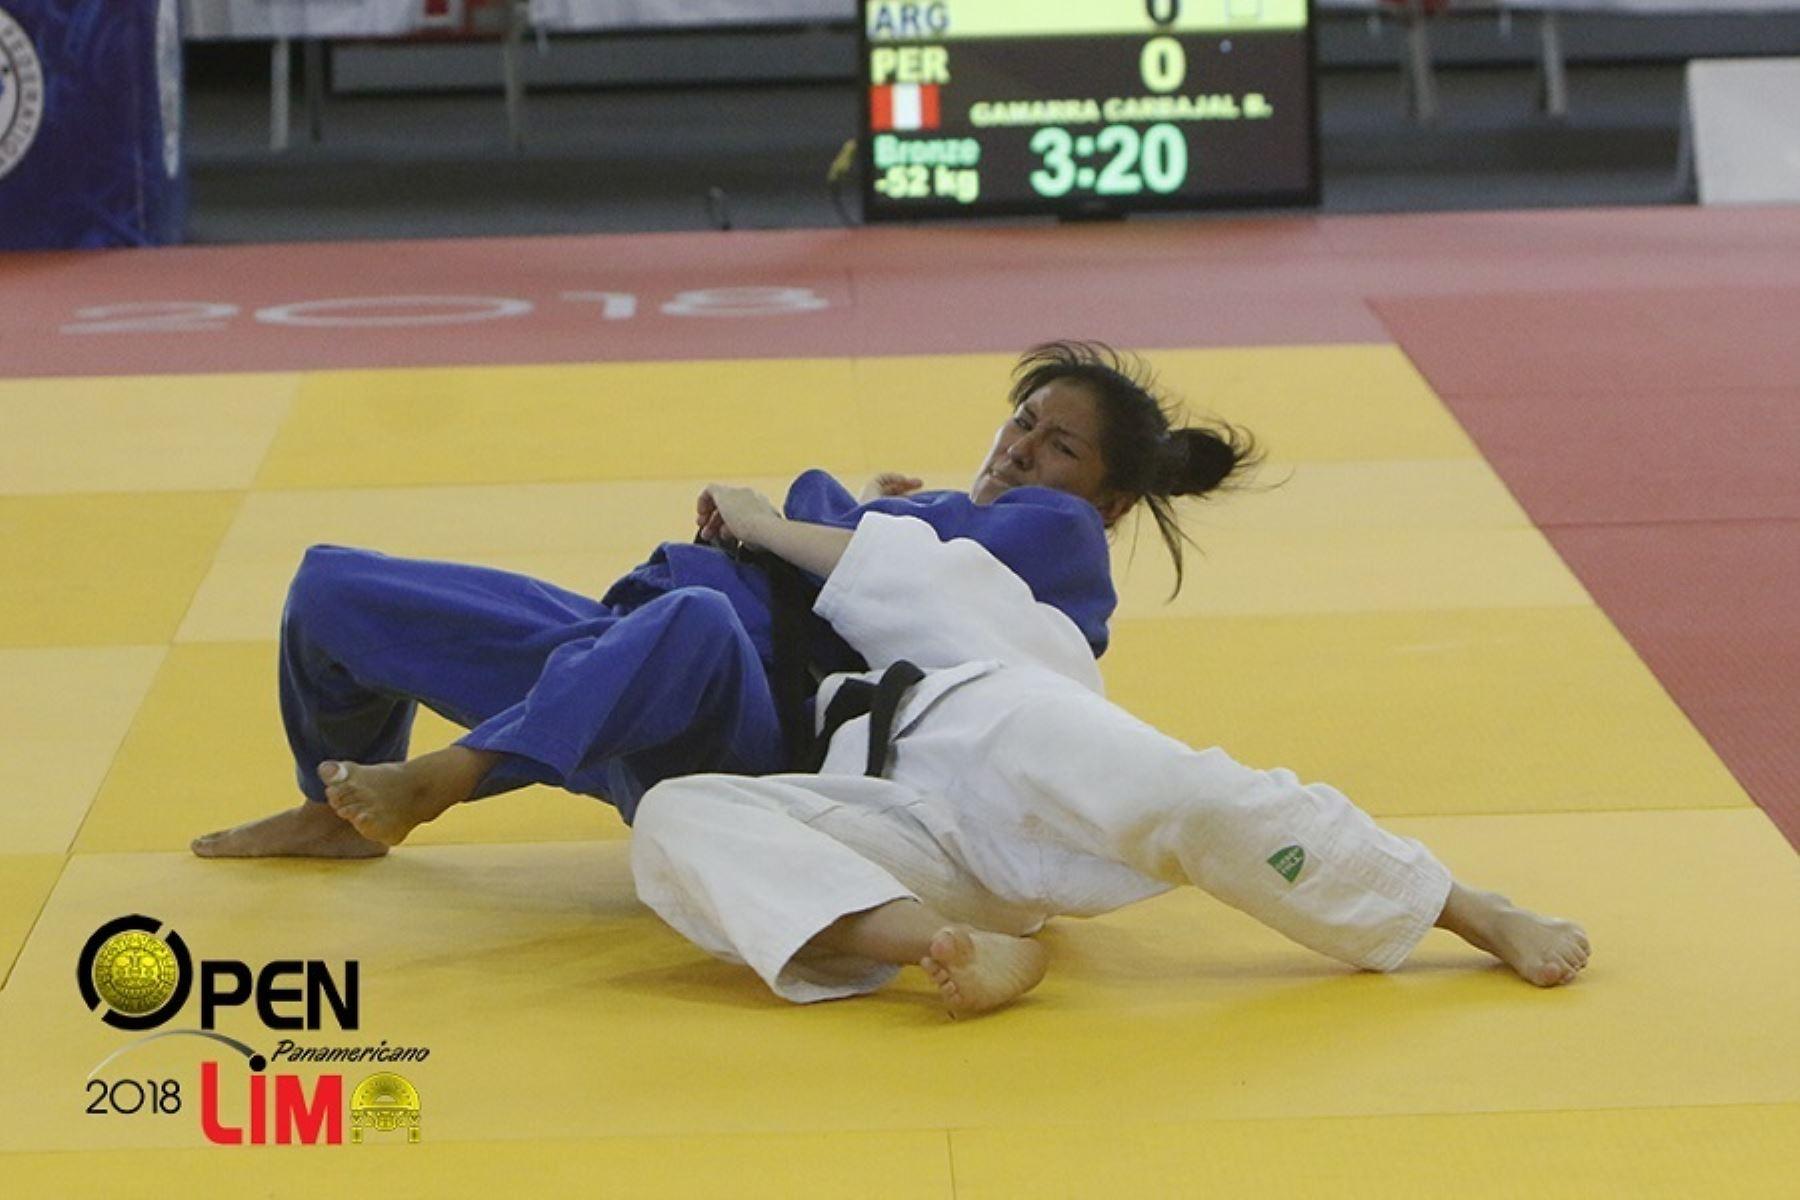 El dominicano Robert Florentino obtiene oro en el abierto panamericano de Judo